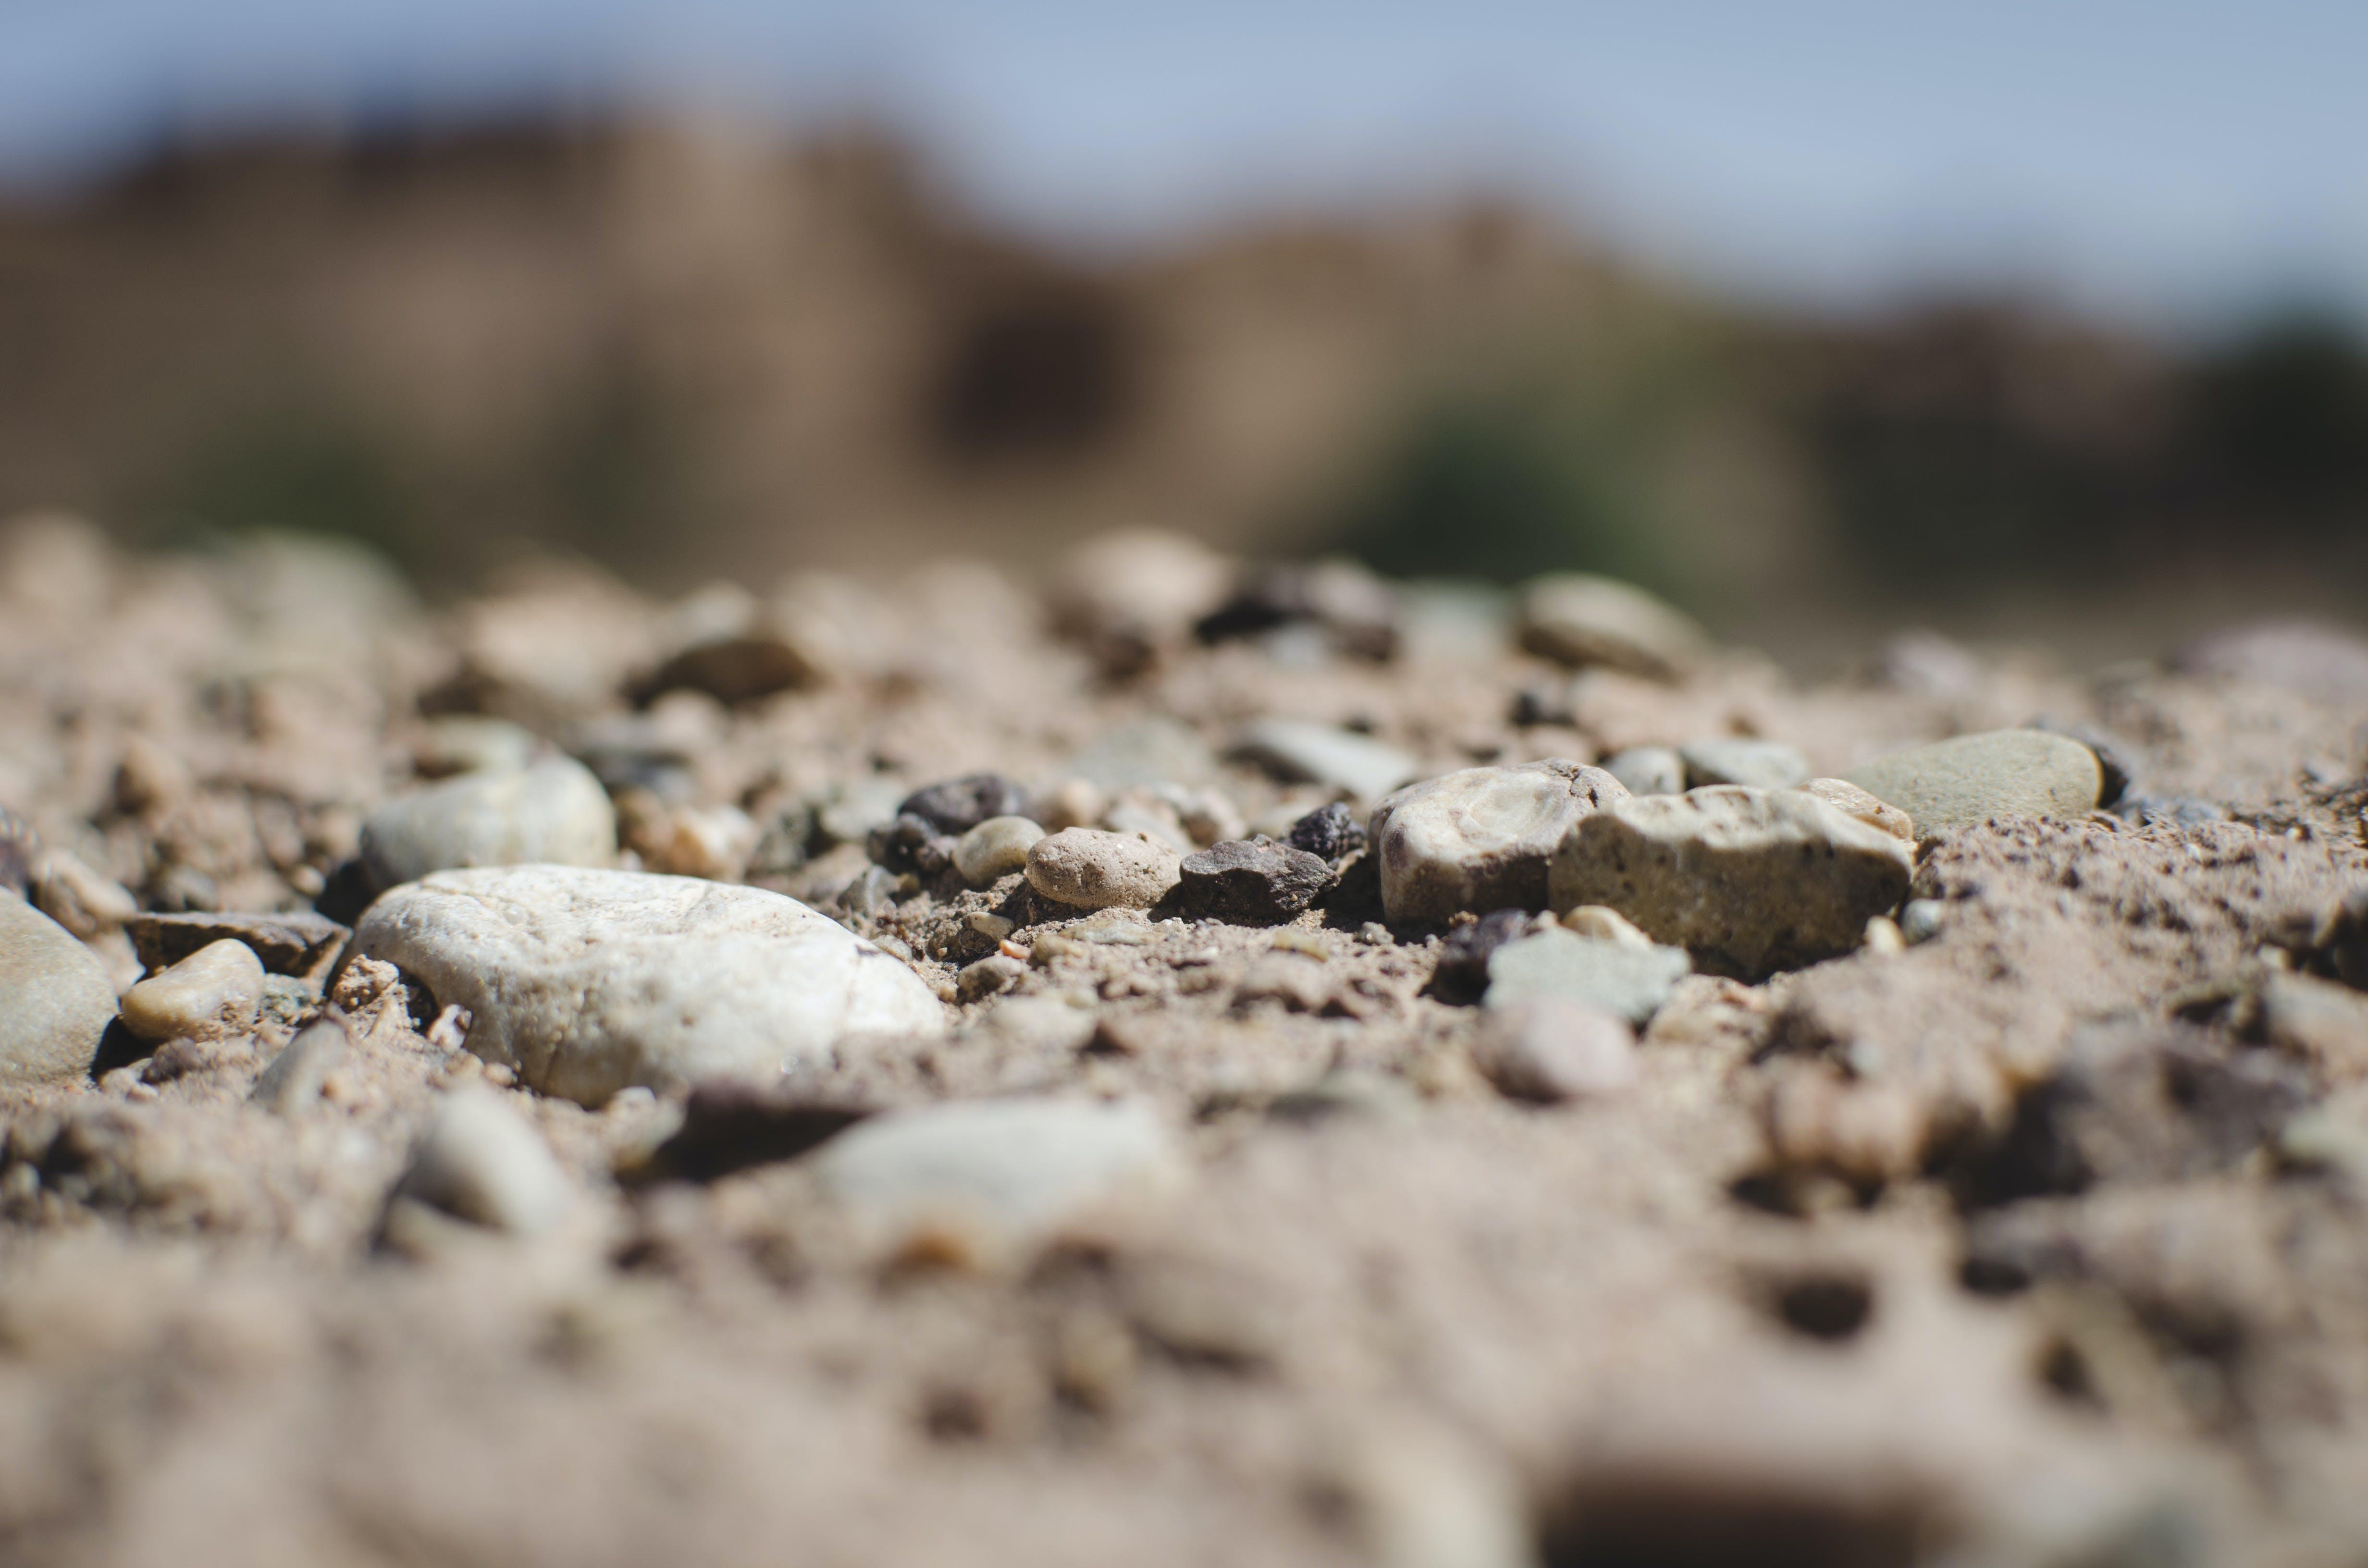 Gray Sands Closeup Photo